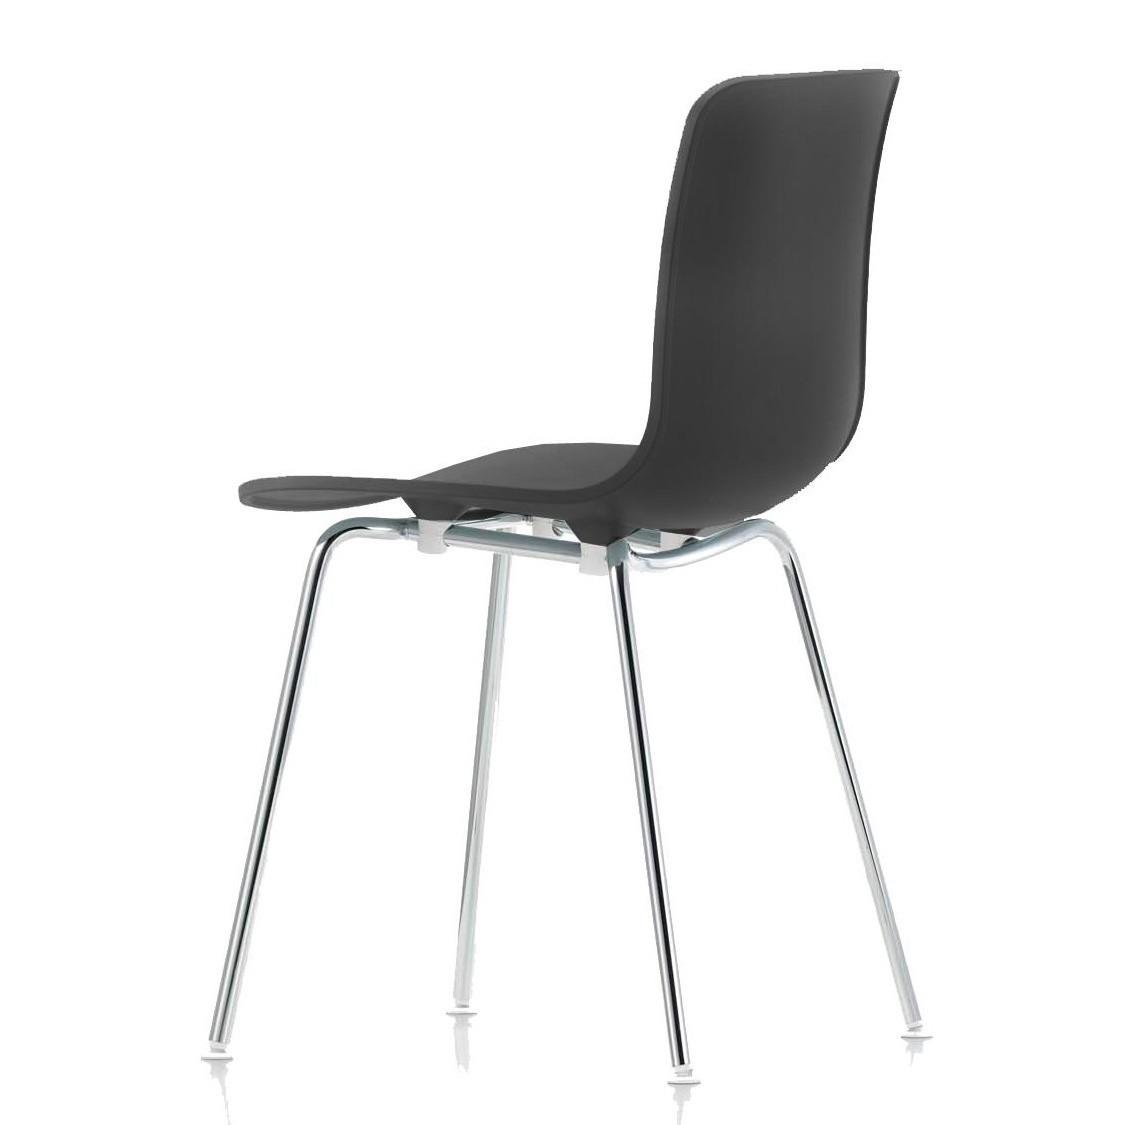 Vitra hal tube silla patas de cromo ambientedirect - Sillas vitra precios ...